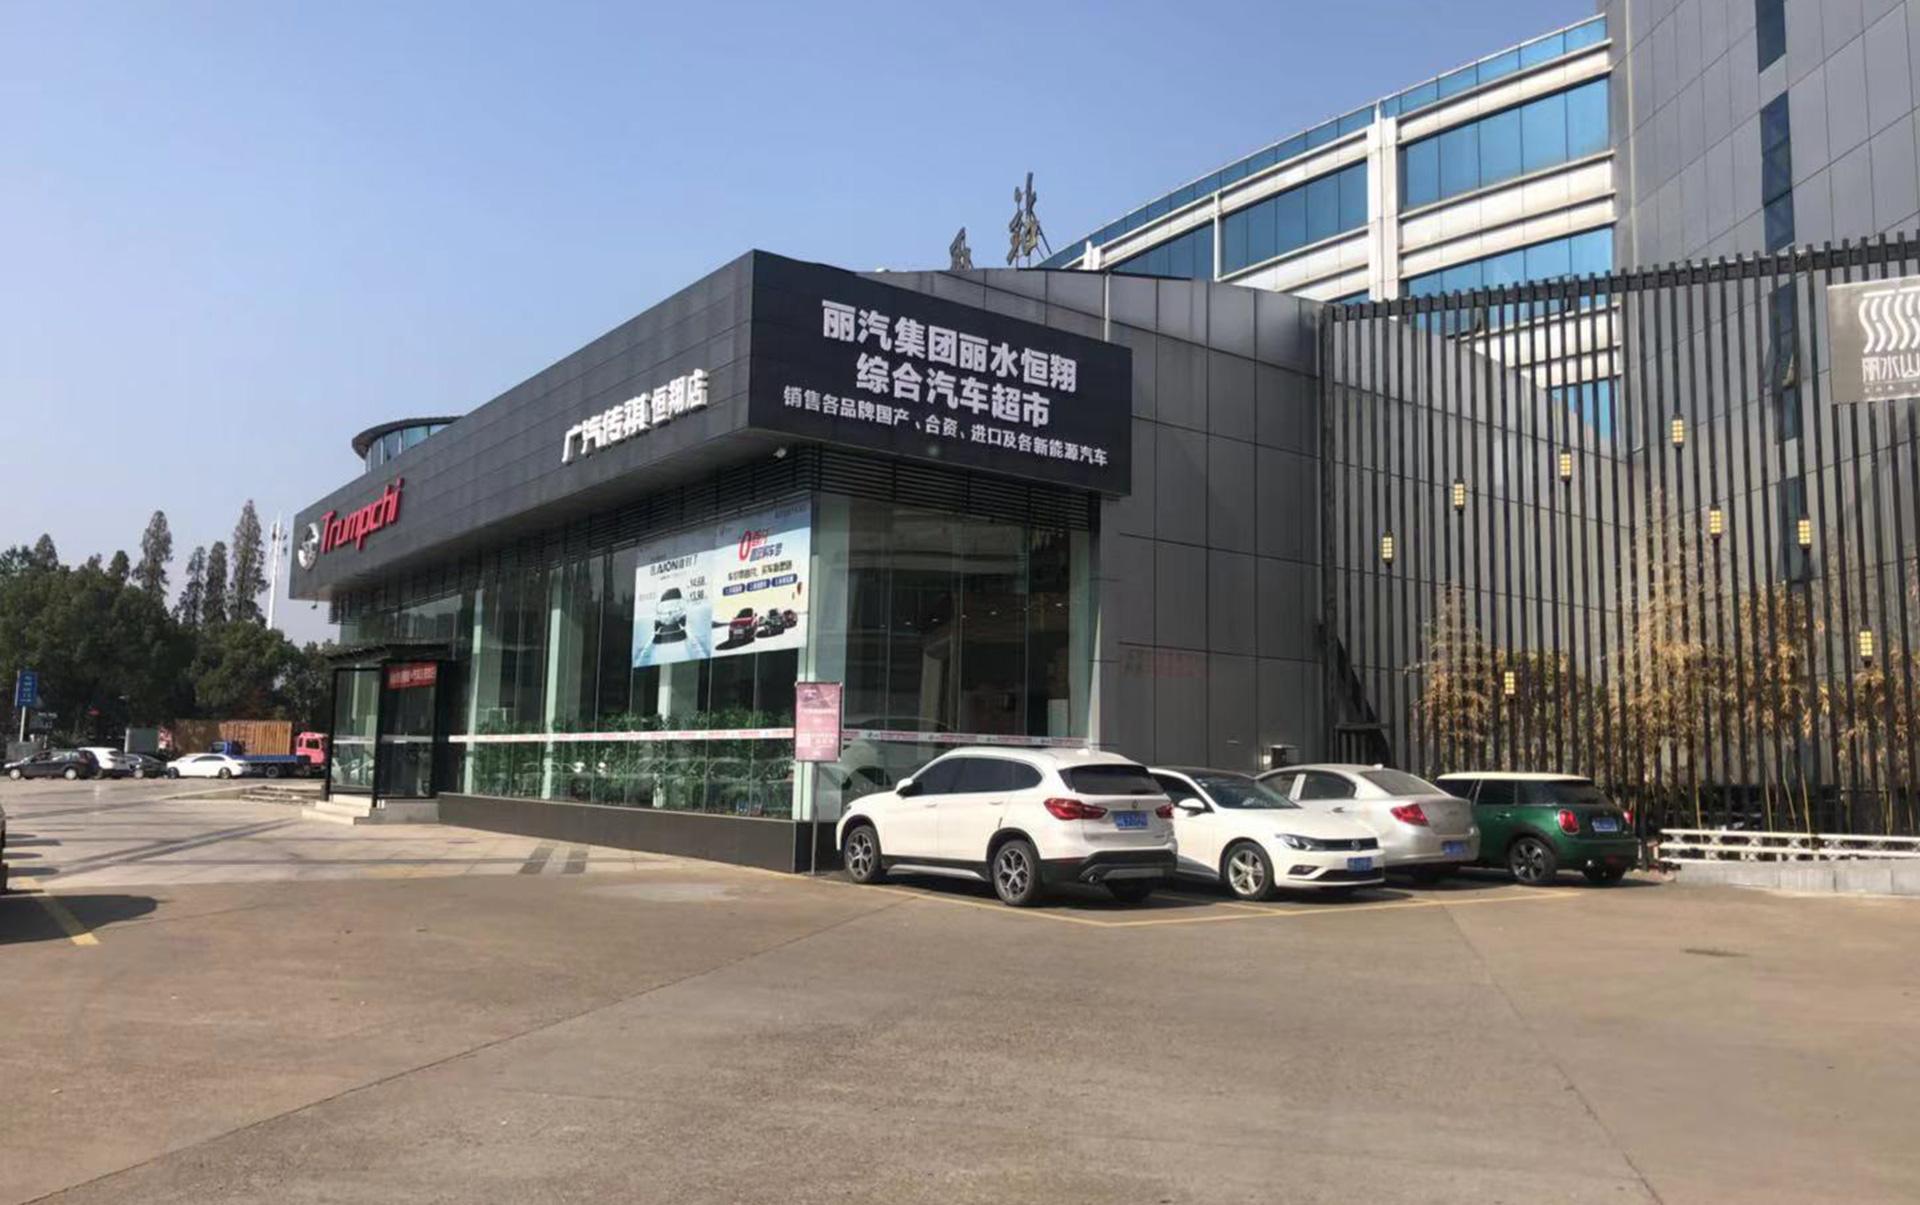 广汽传祺丽水市恒翔汽车销售有限公司